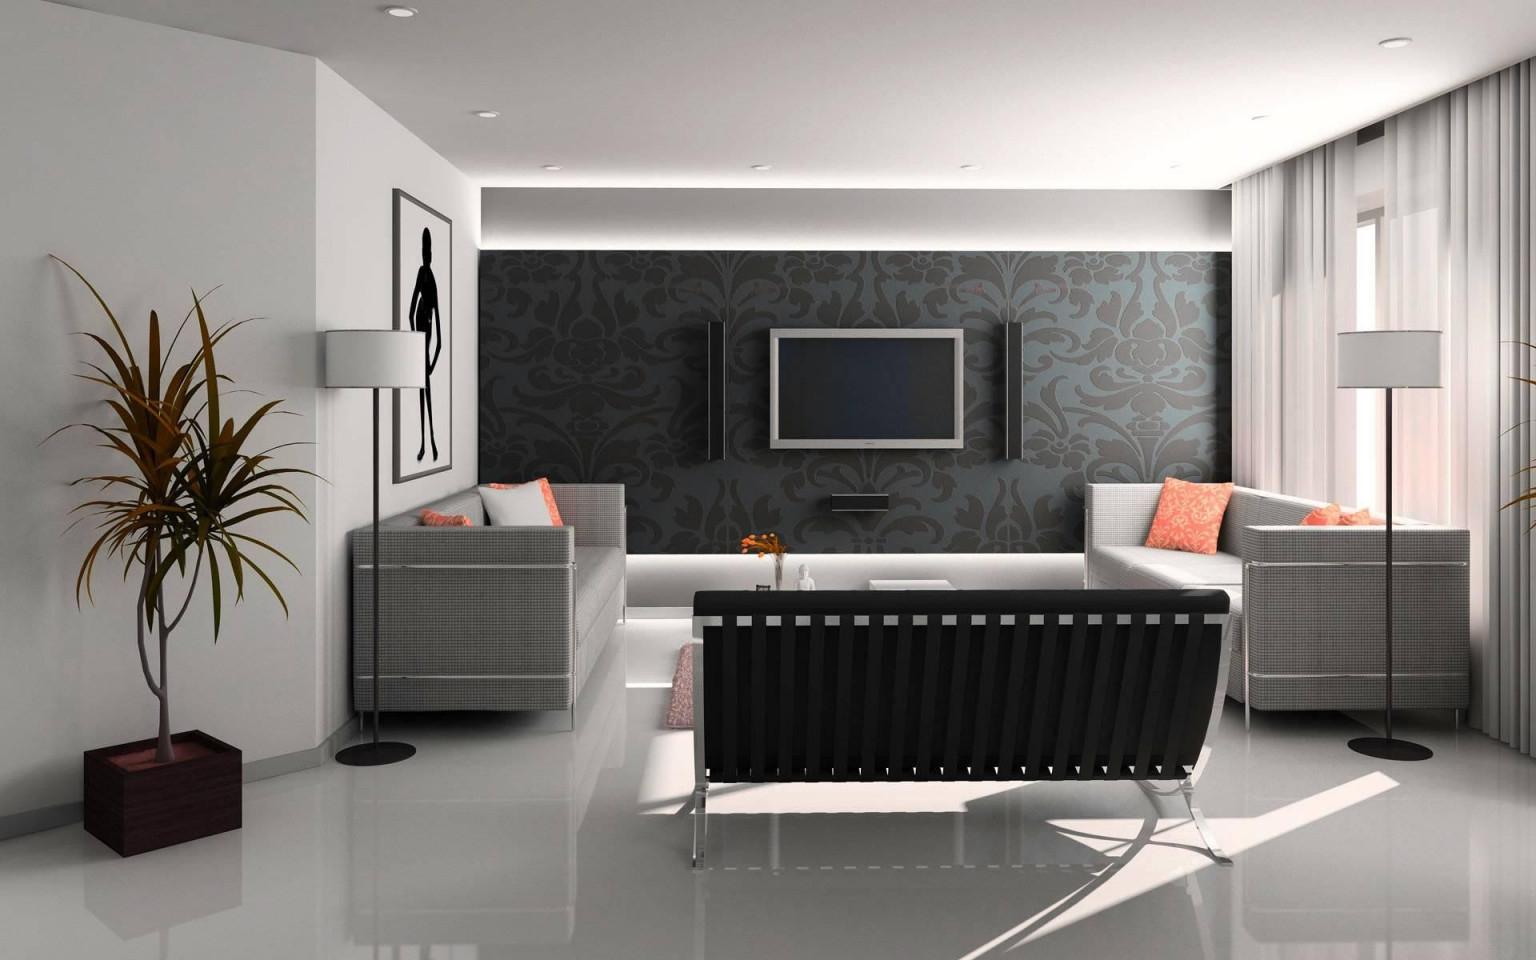 Wandgestaltung Ideen Farbe Wohnzimmer  Schlafzimmer von Ideen Wohnzimmer Wände Gestalten Photo